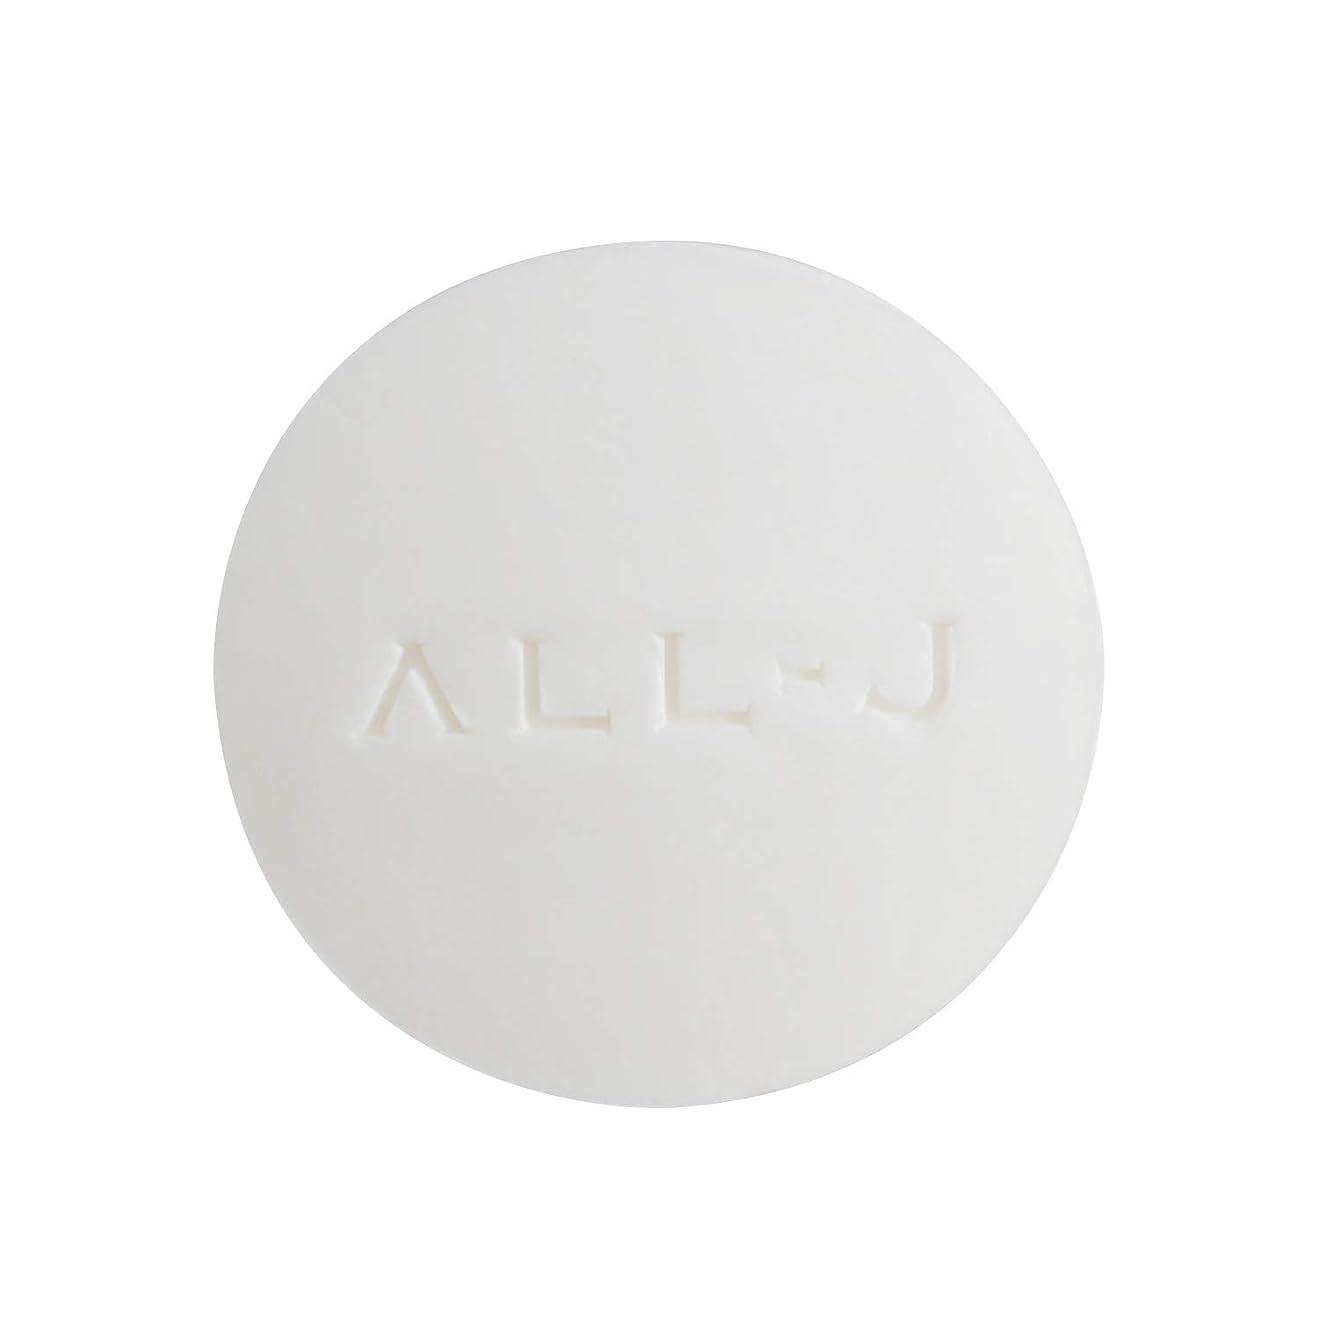 売るスクリュー統合ALL-J (オールジェイ) 洗顔石鹸 スムースリッチスキン フェイシャルソープ 60g 黒ずみ 毛穴ケア